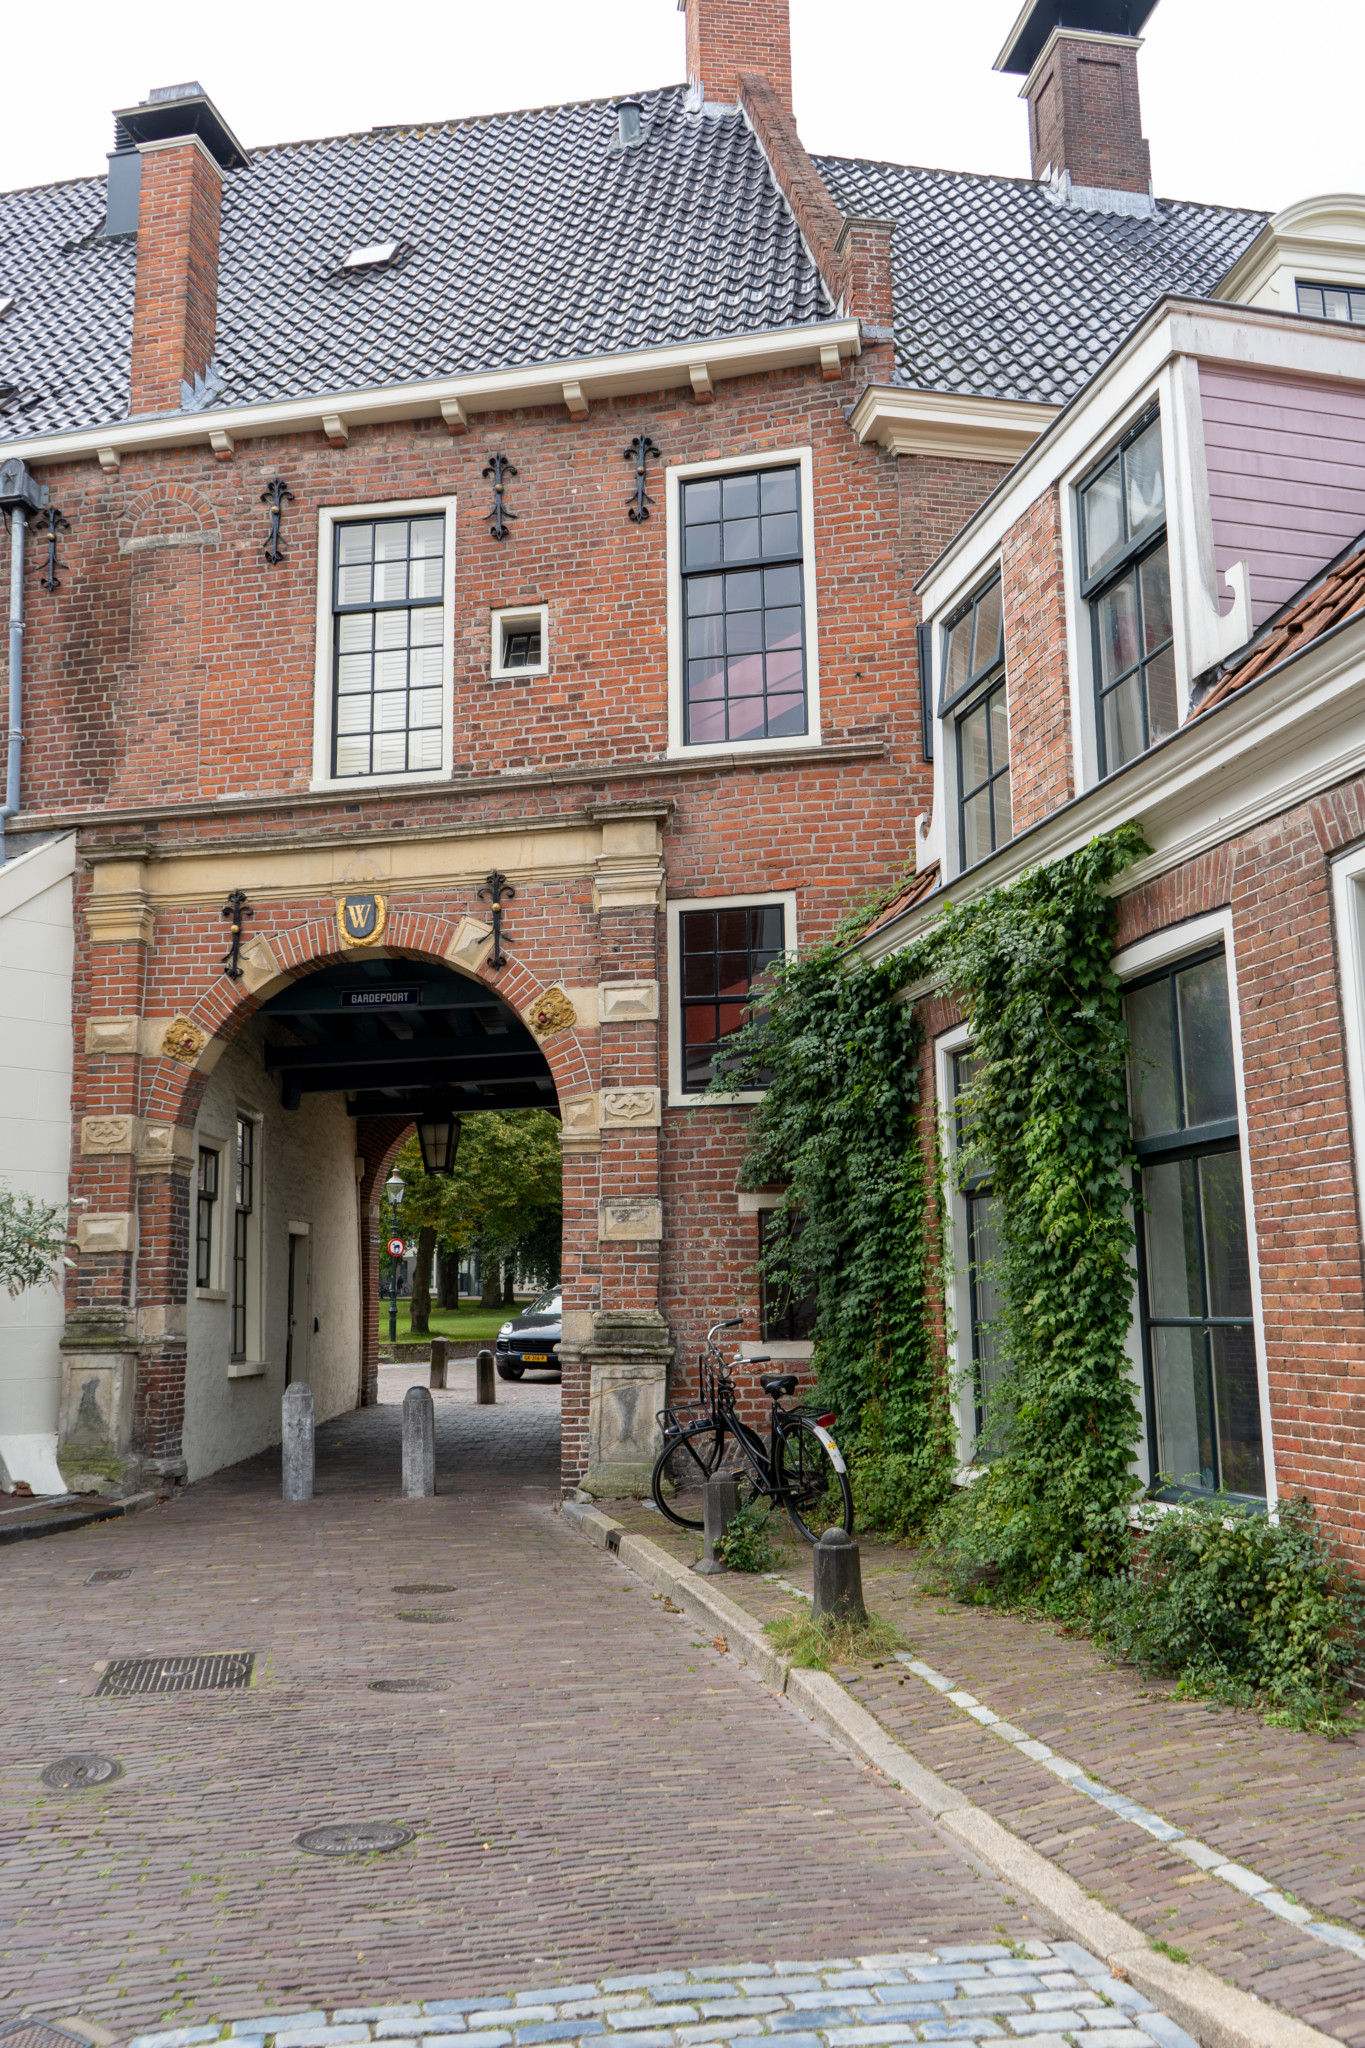 Hübsche Gasse in Groningen